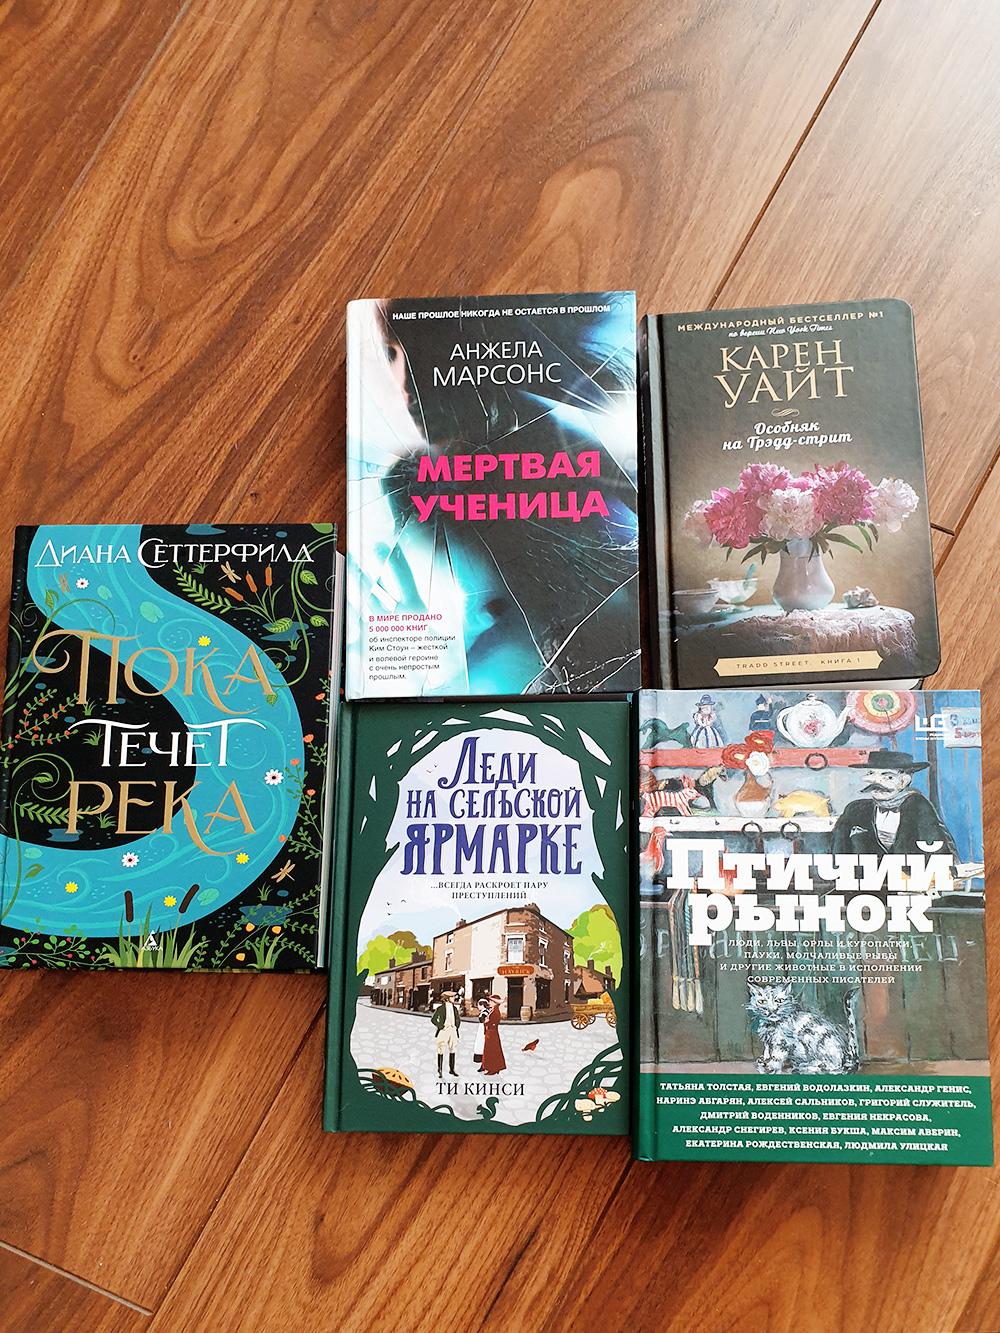 Эти книги я присмотрела на той прогулке, а потом заказала в интернете